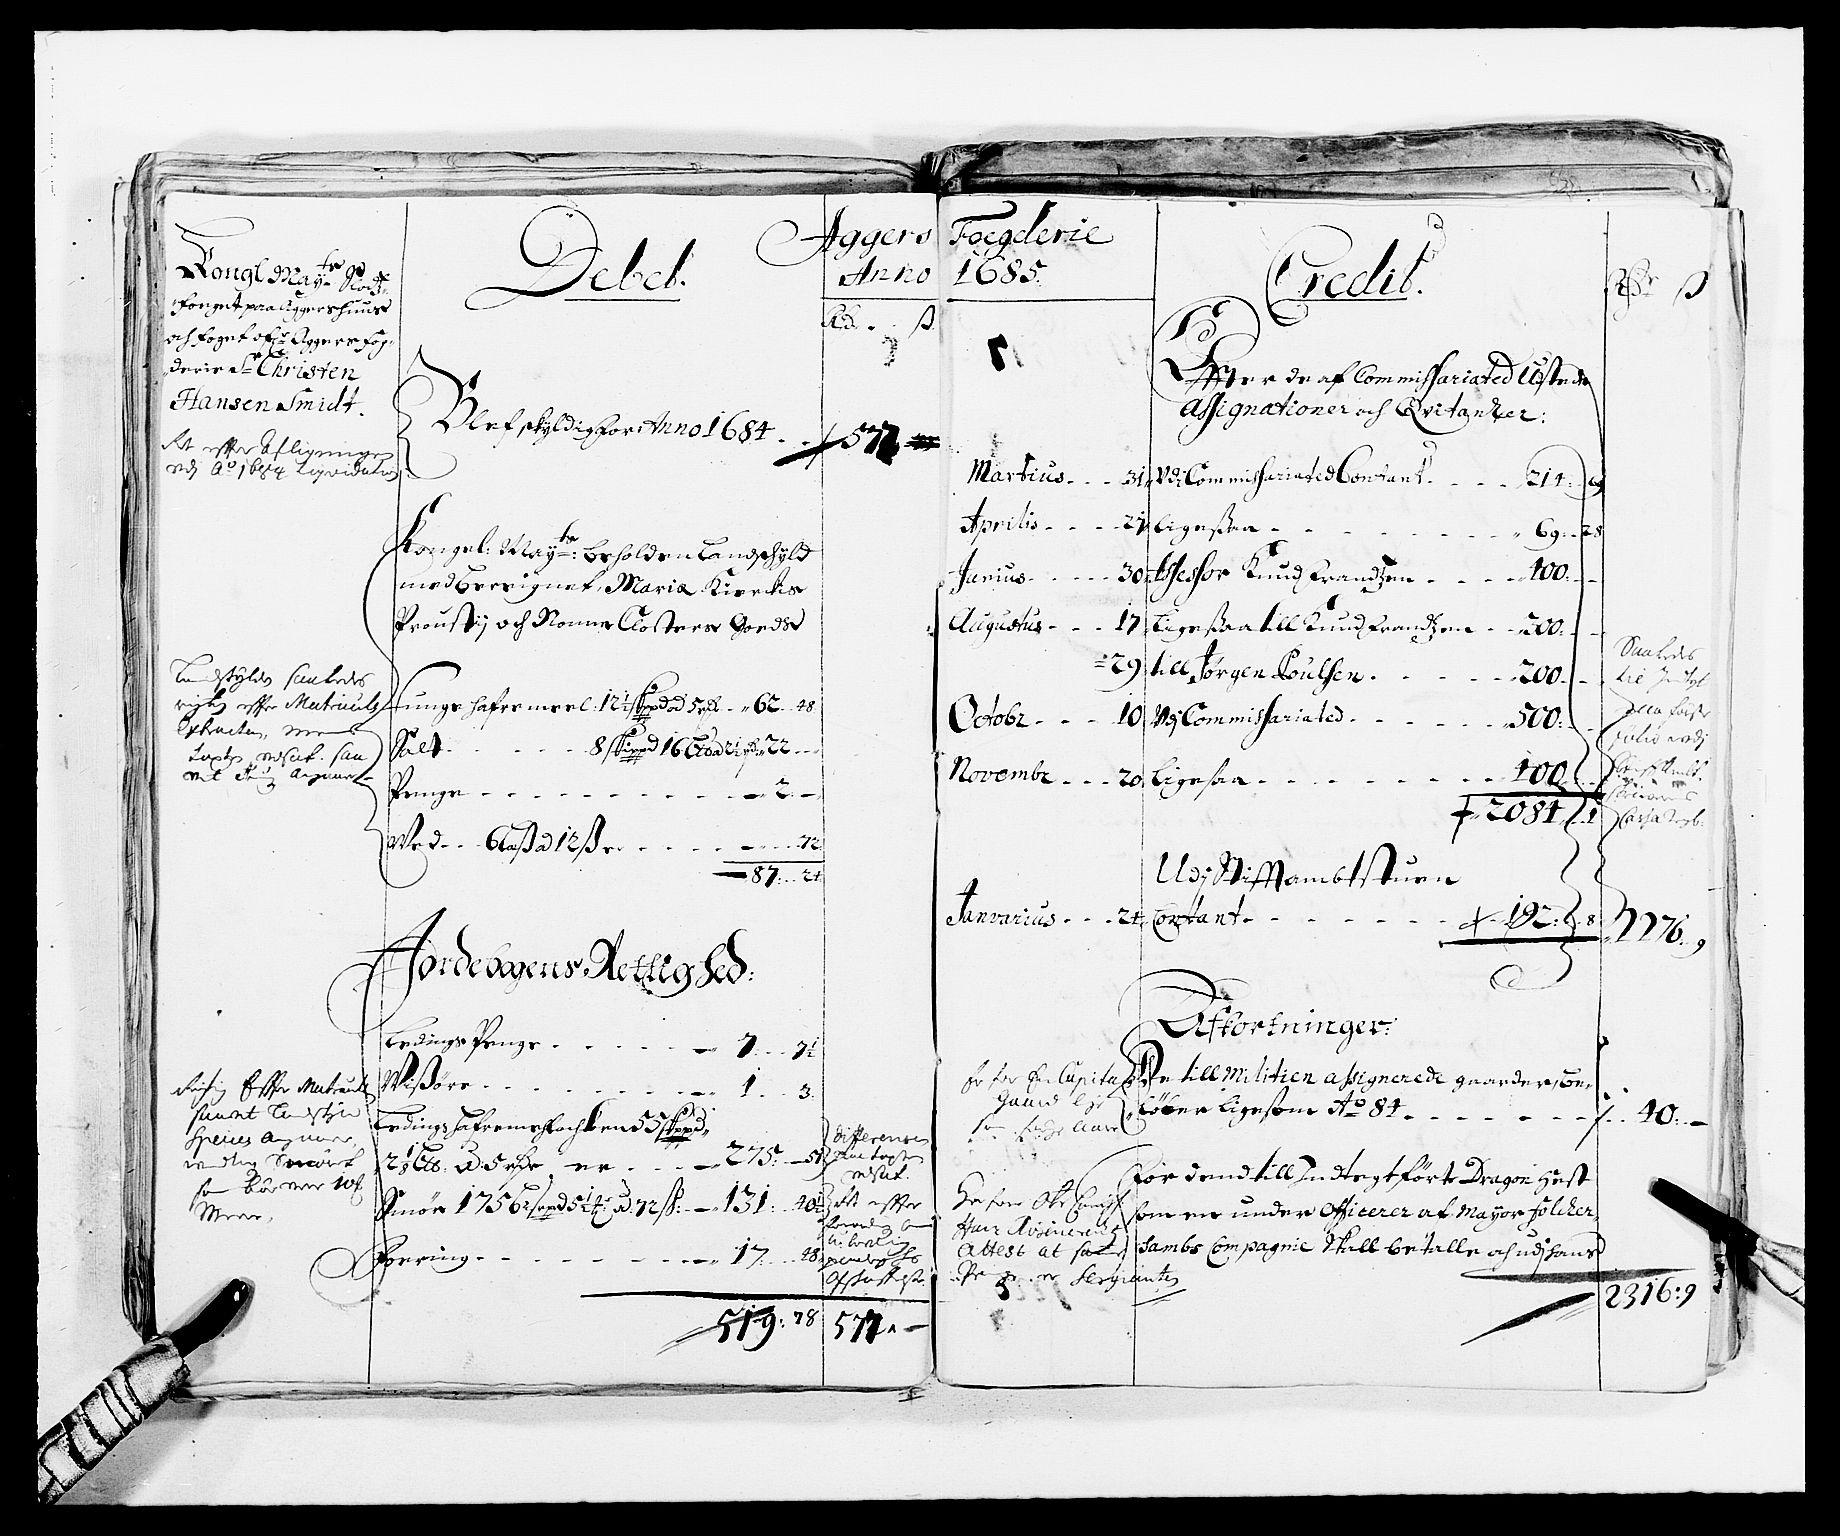 RA, Rentekammeret inntil 1814, Reviderte regnskaper, Fogderegnskap, R08/L0420: Fogderegnskap Aker, 1682-1691, s. 44